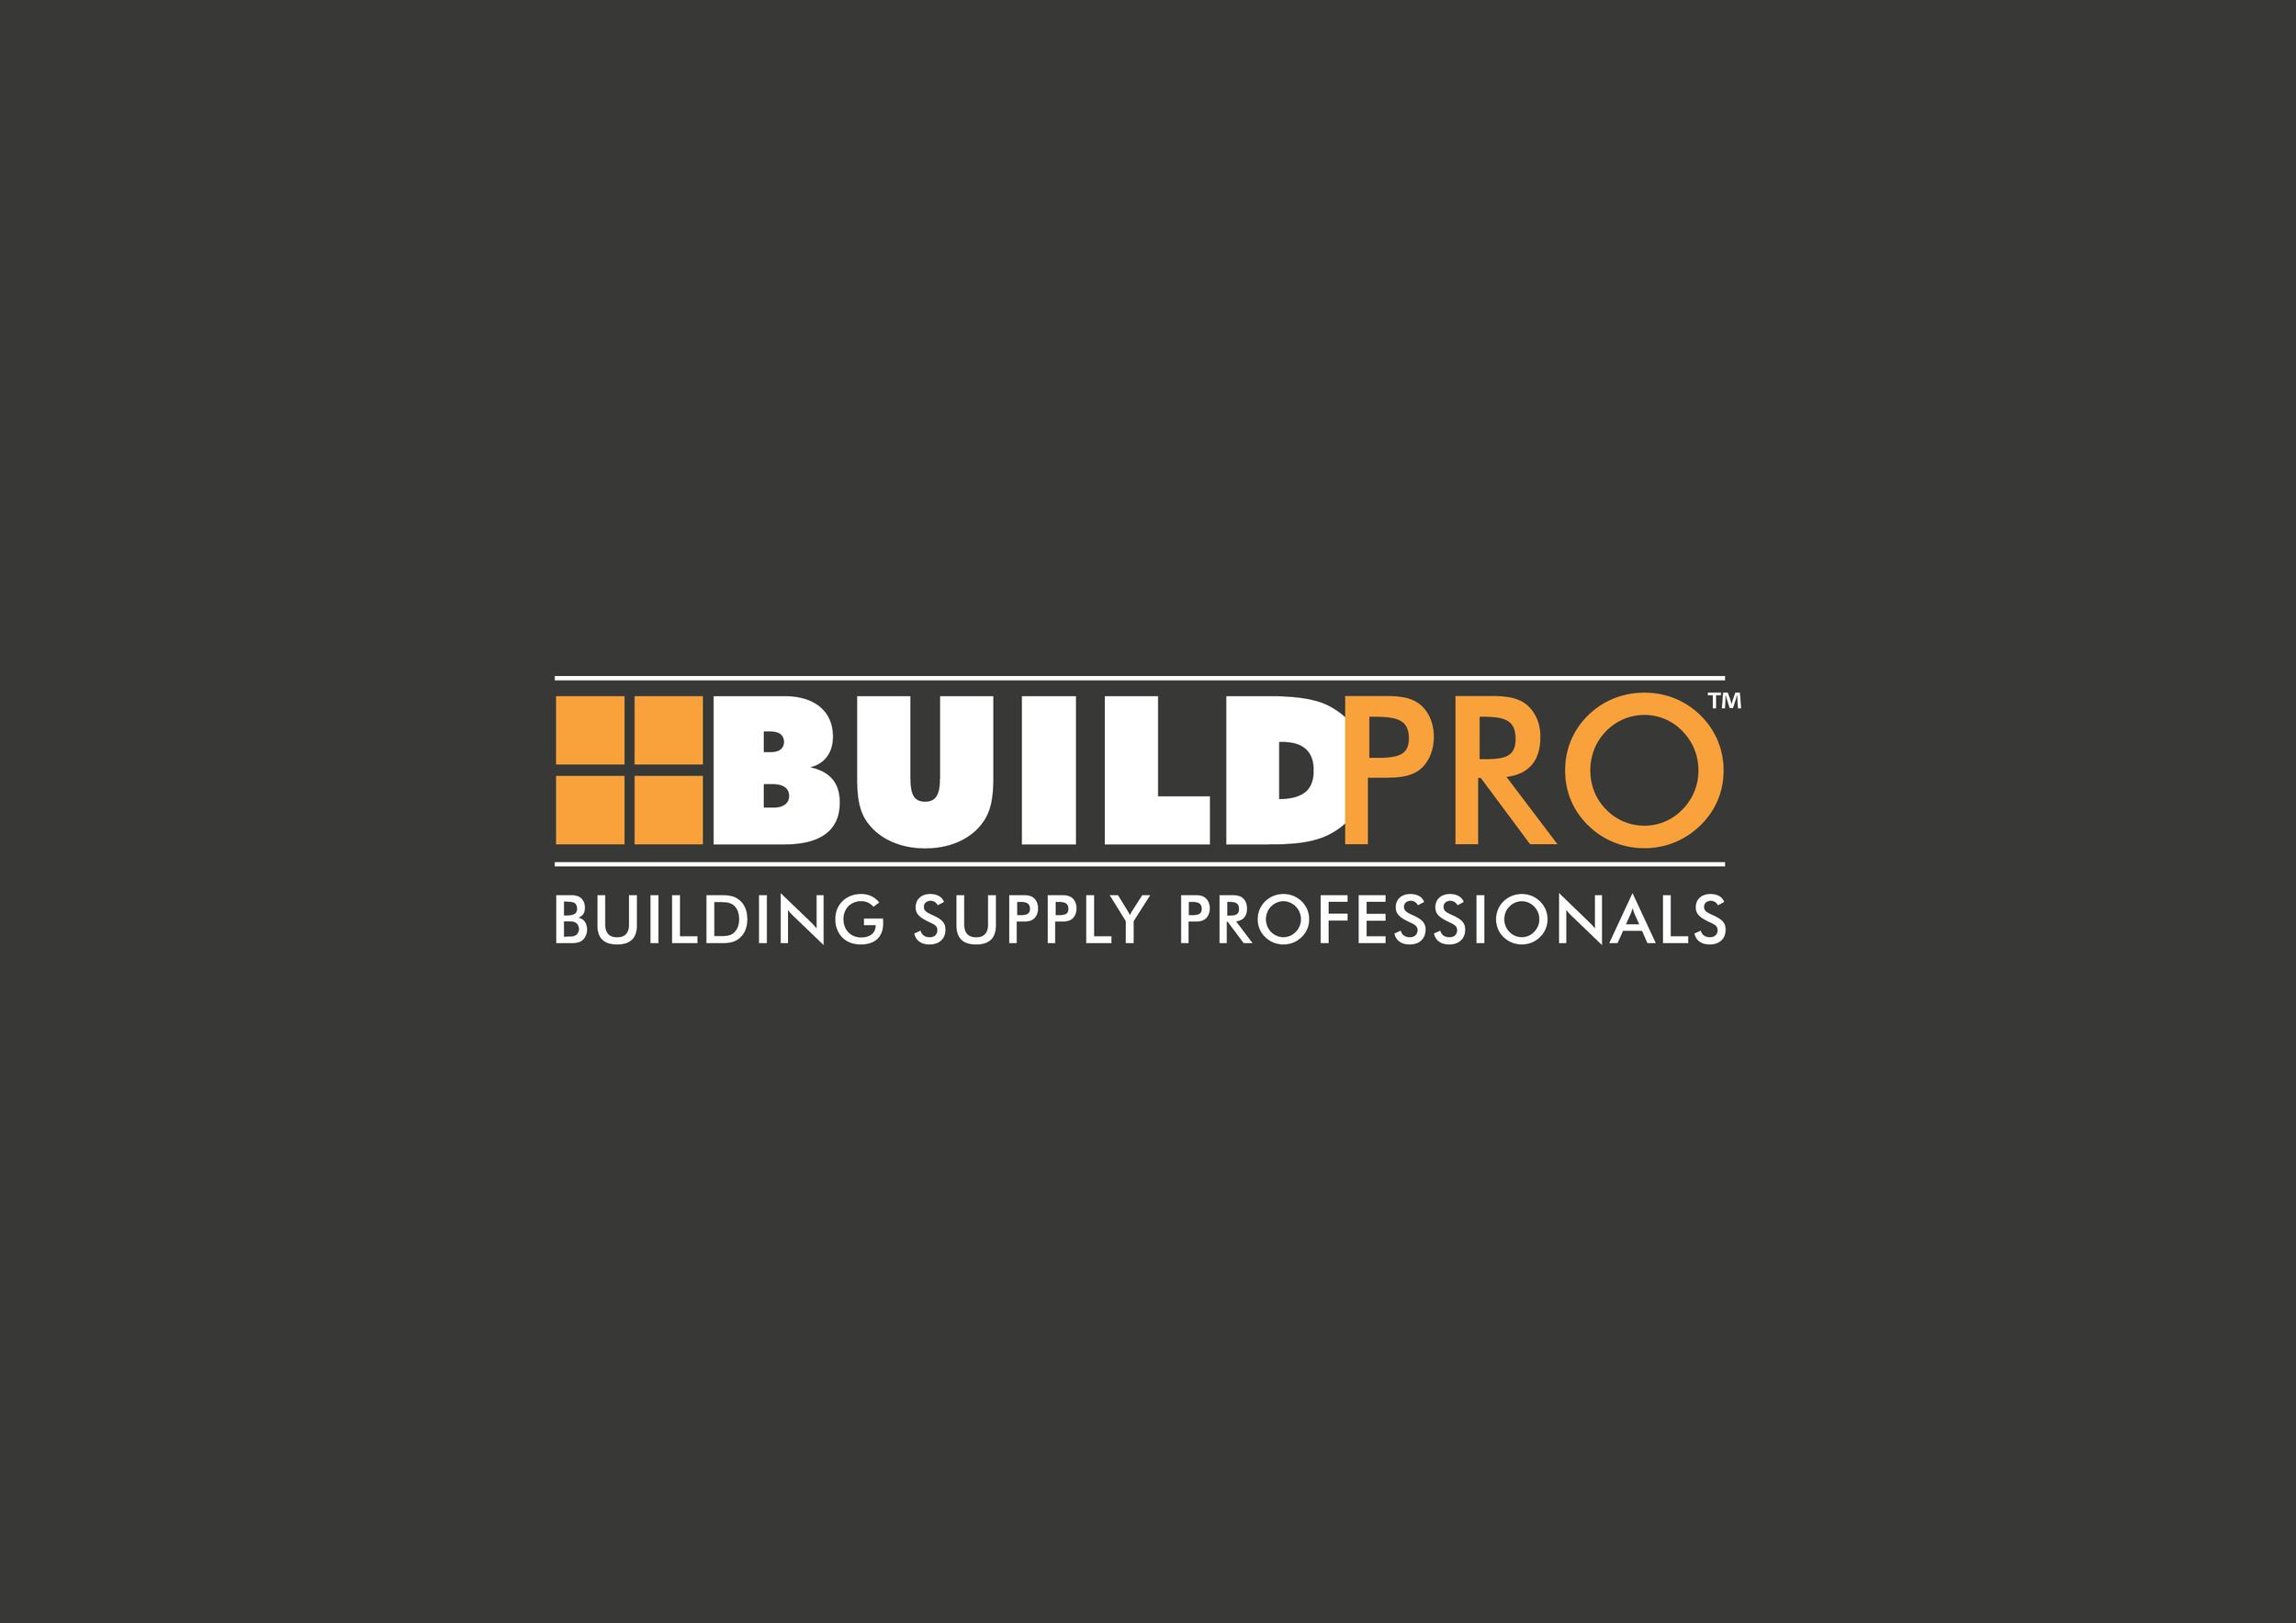 BuildPro haynes design